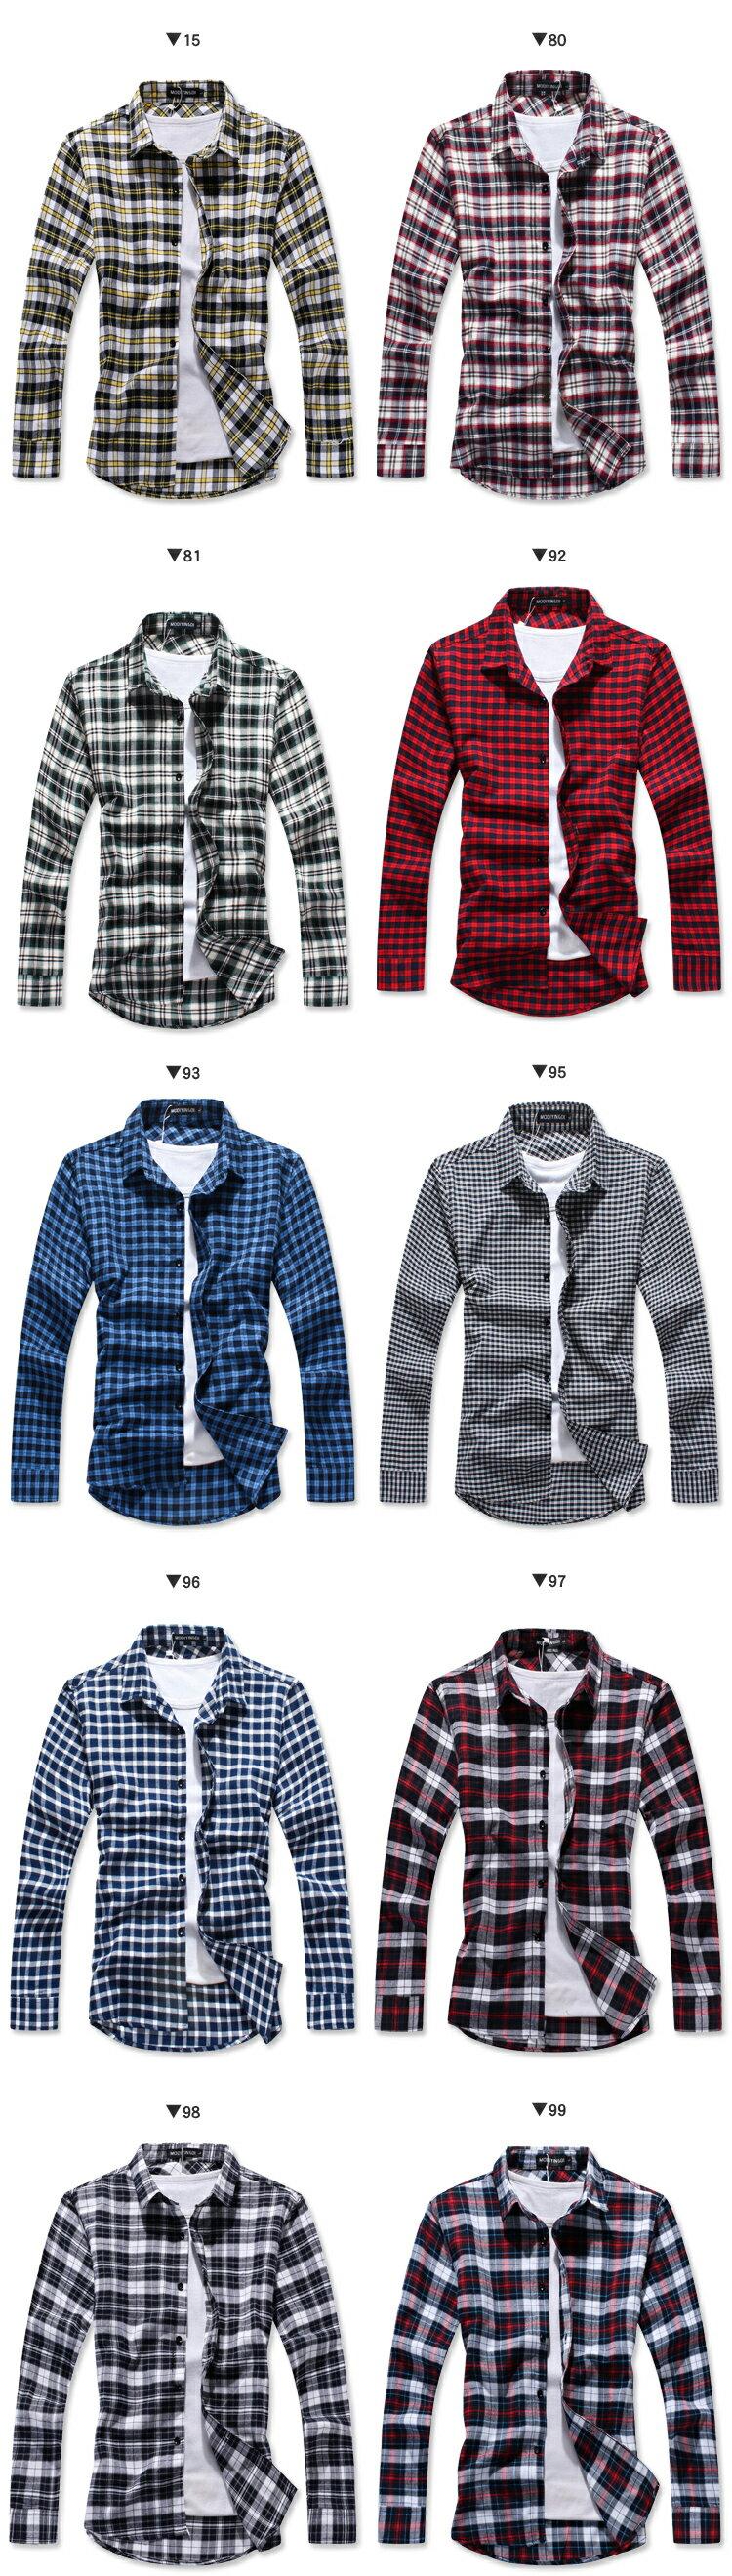 ☆BOY-2☆【NQ97012】法蘭絨格紋長袖襯衫 現+預 4